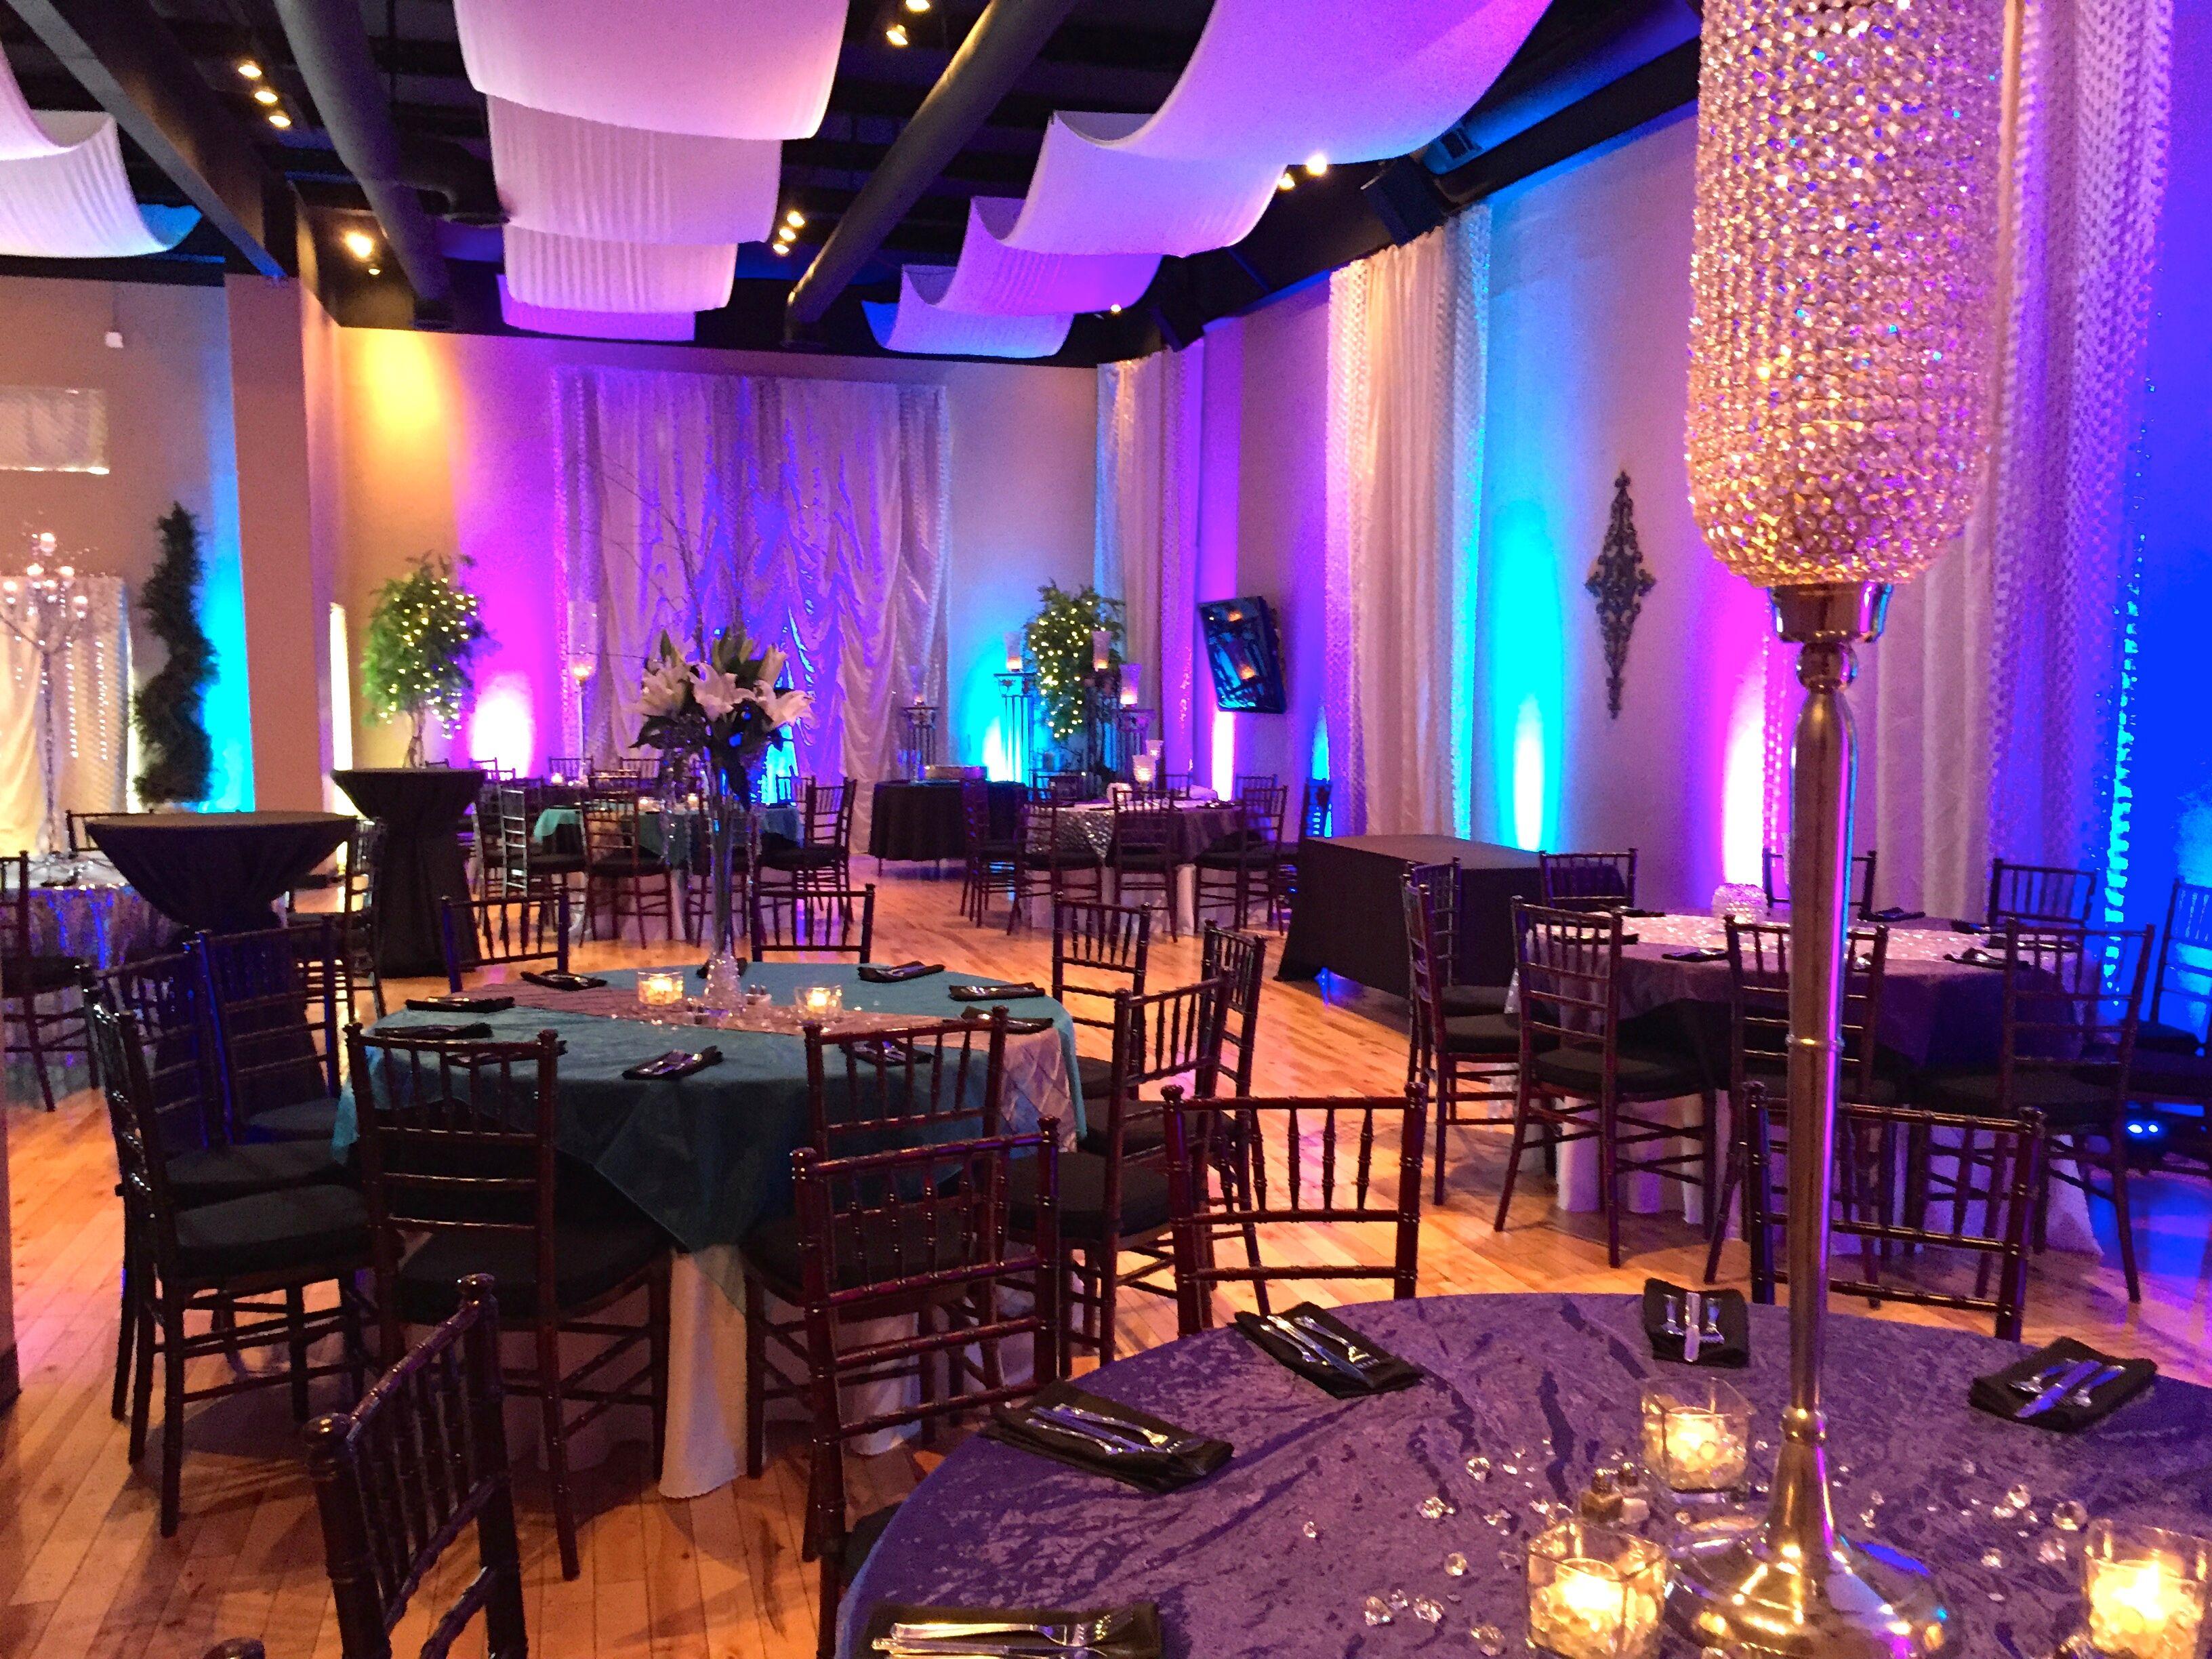 The Hamilton Event Center